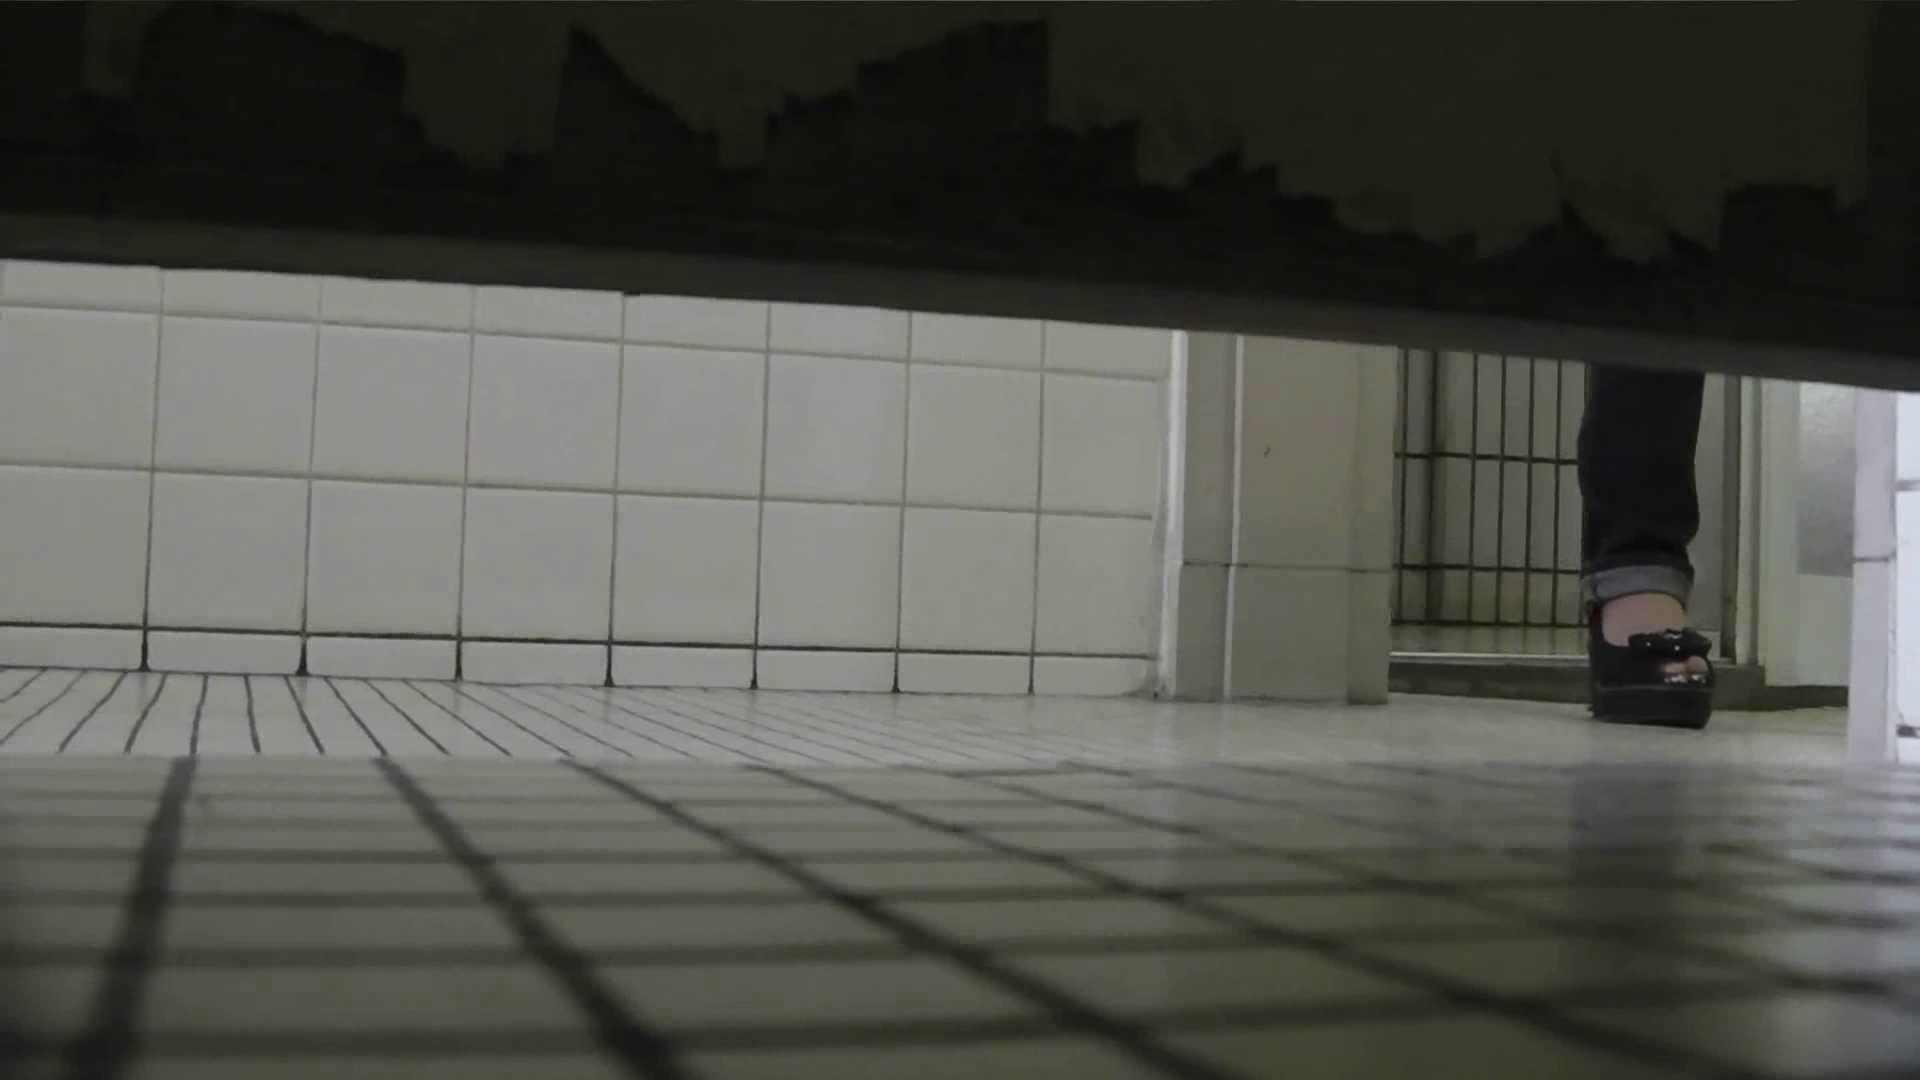 【美しき個室な世界】 vol.022 ヒクヒクさんたち 洗面所  68pic 33